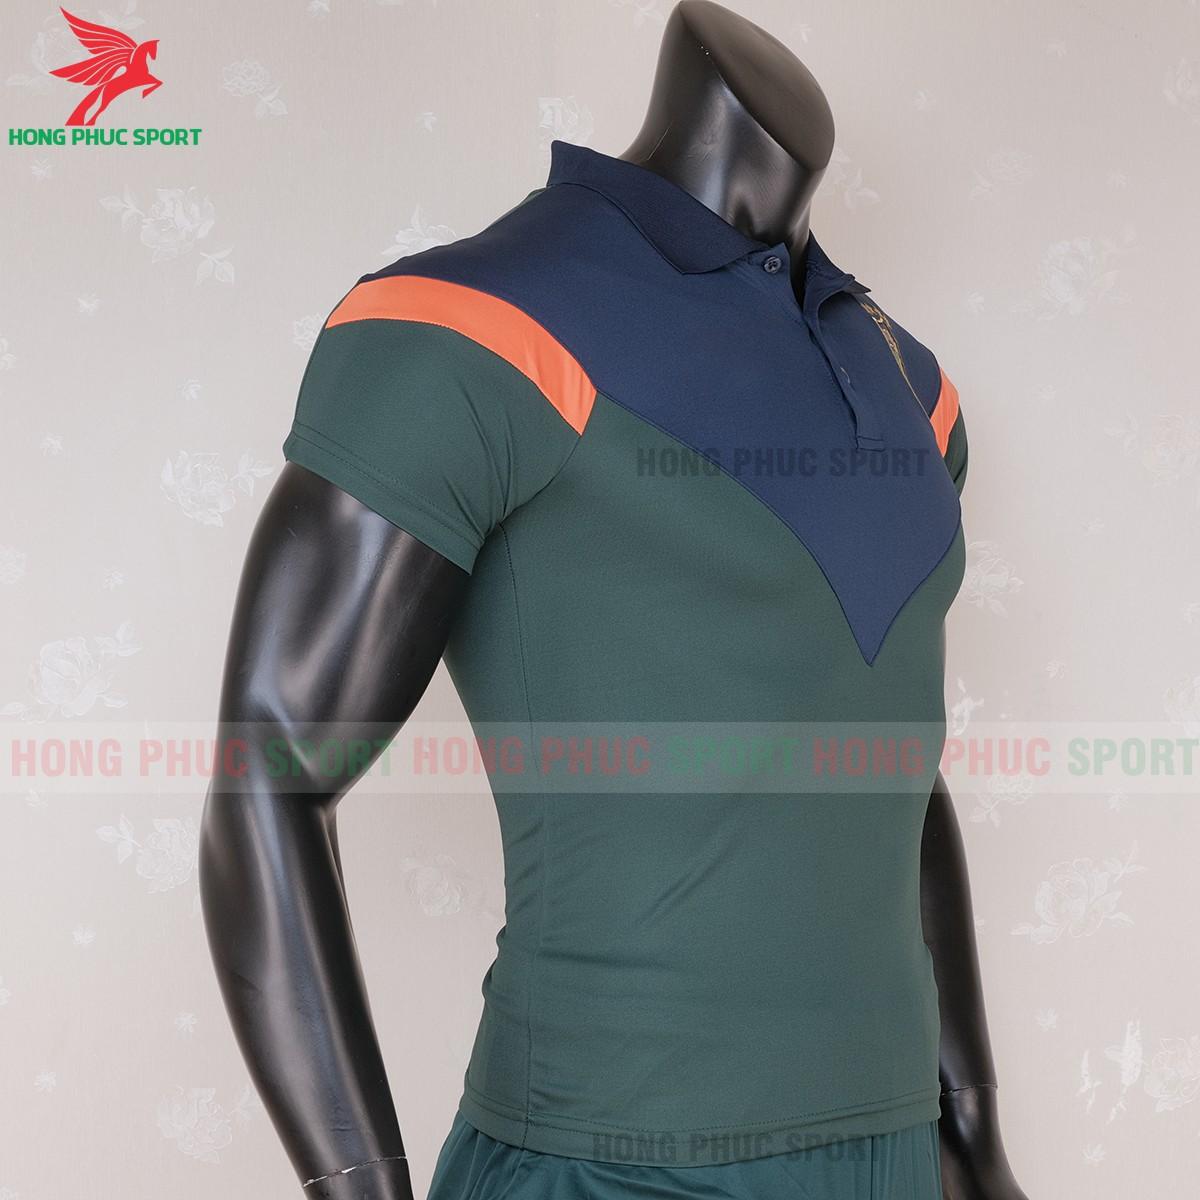 https://cdn.hongphucsport.com/unsafe/s4.shopbay.vn/files/285/ao-polo-tuyen-italia-2020-6-5f73e3bc8ebbc.png